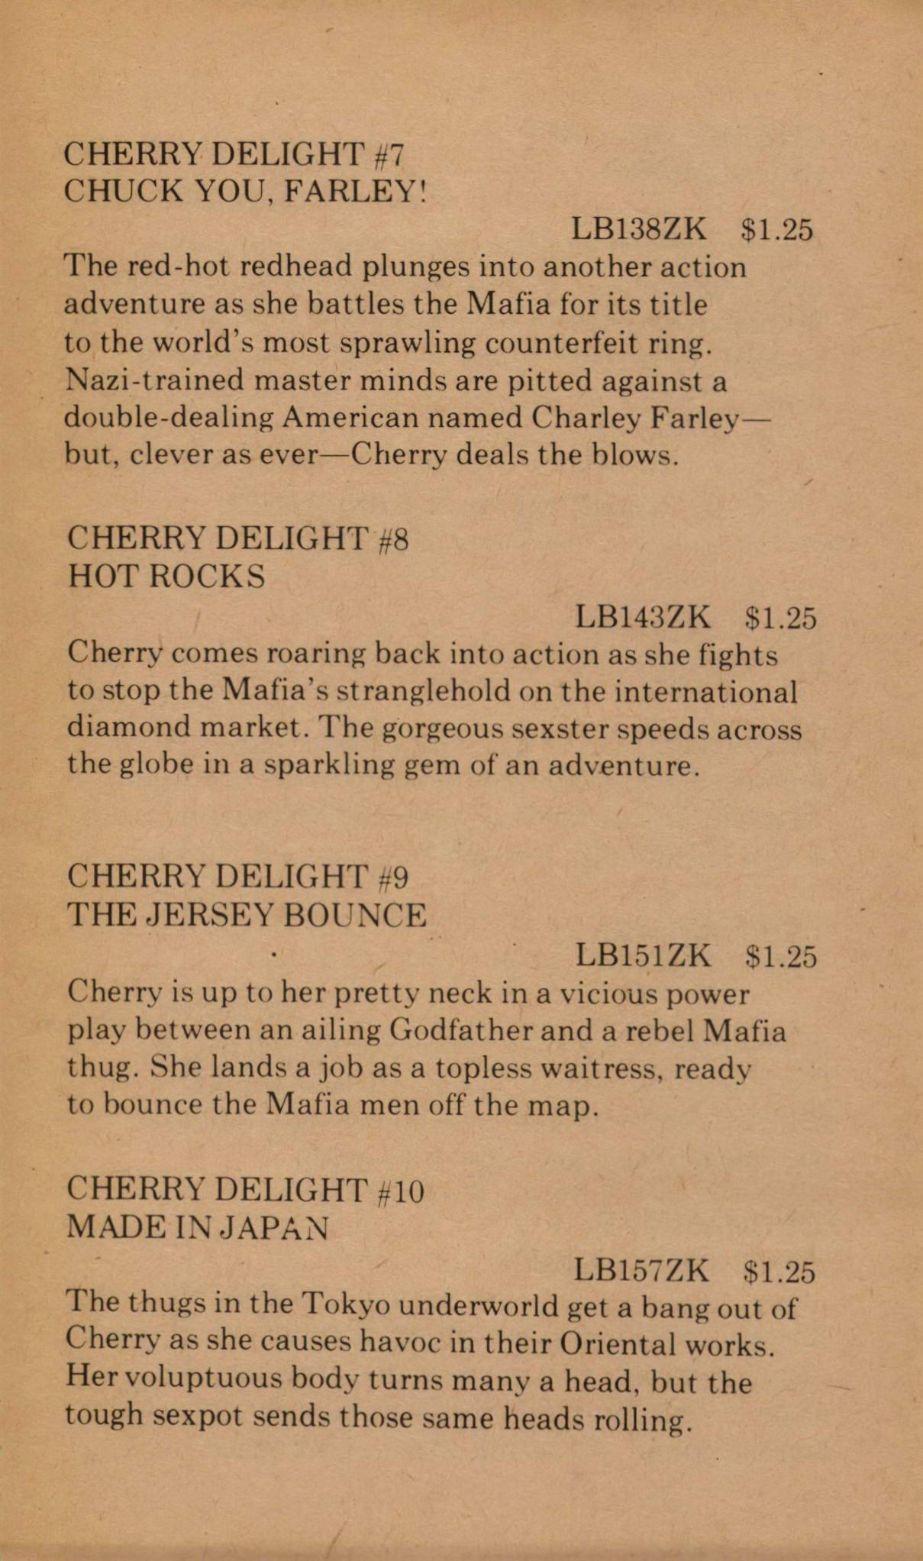 Cherry Delight 12 Fire in the Hole Glen Chase Gardner F Fox 188.jpg